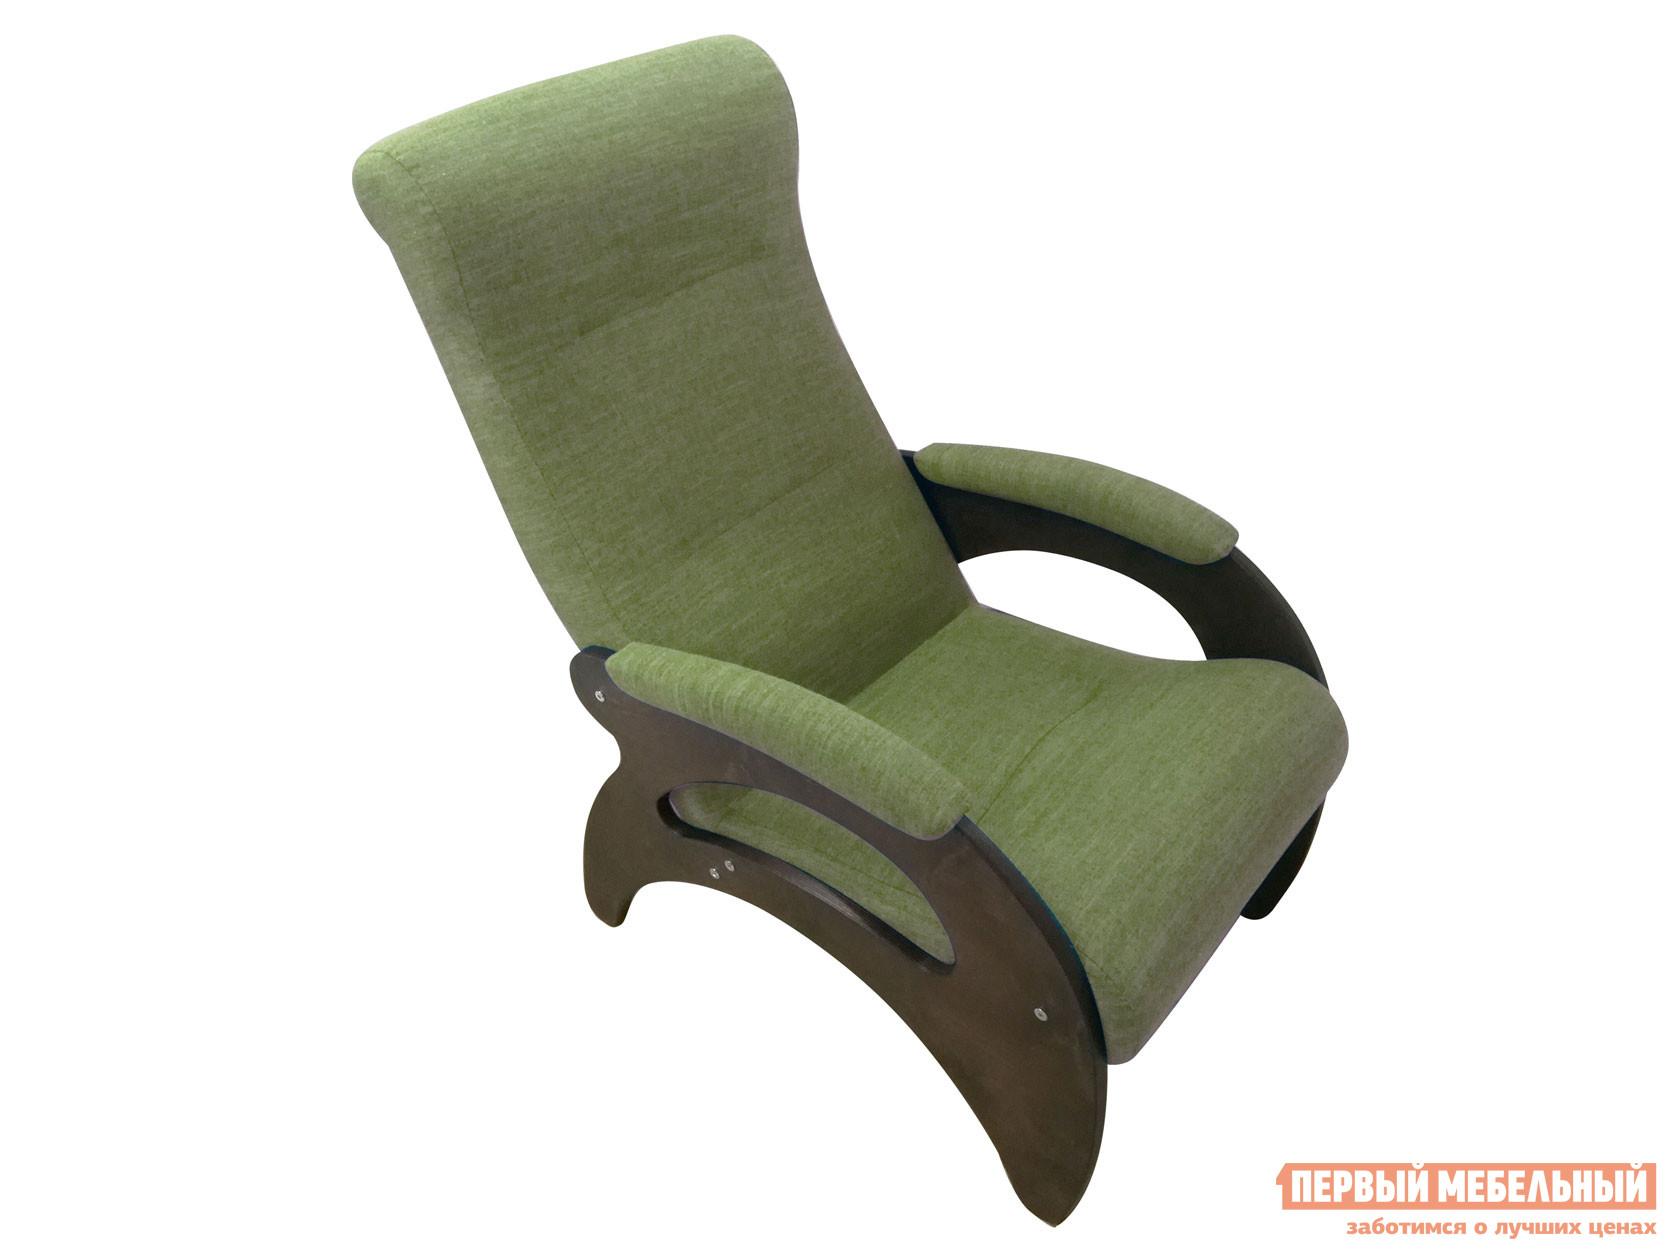 Кресло  Мария Темный орех / Оливковый, рогожка Мебвилл 127323